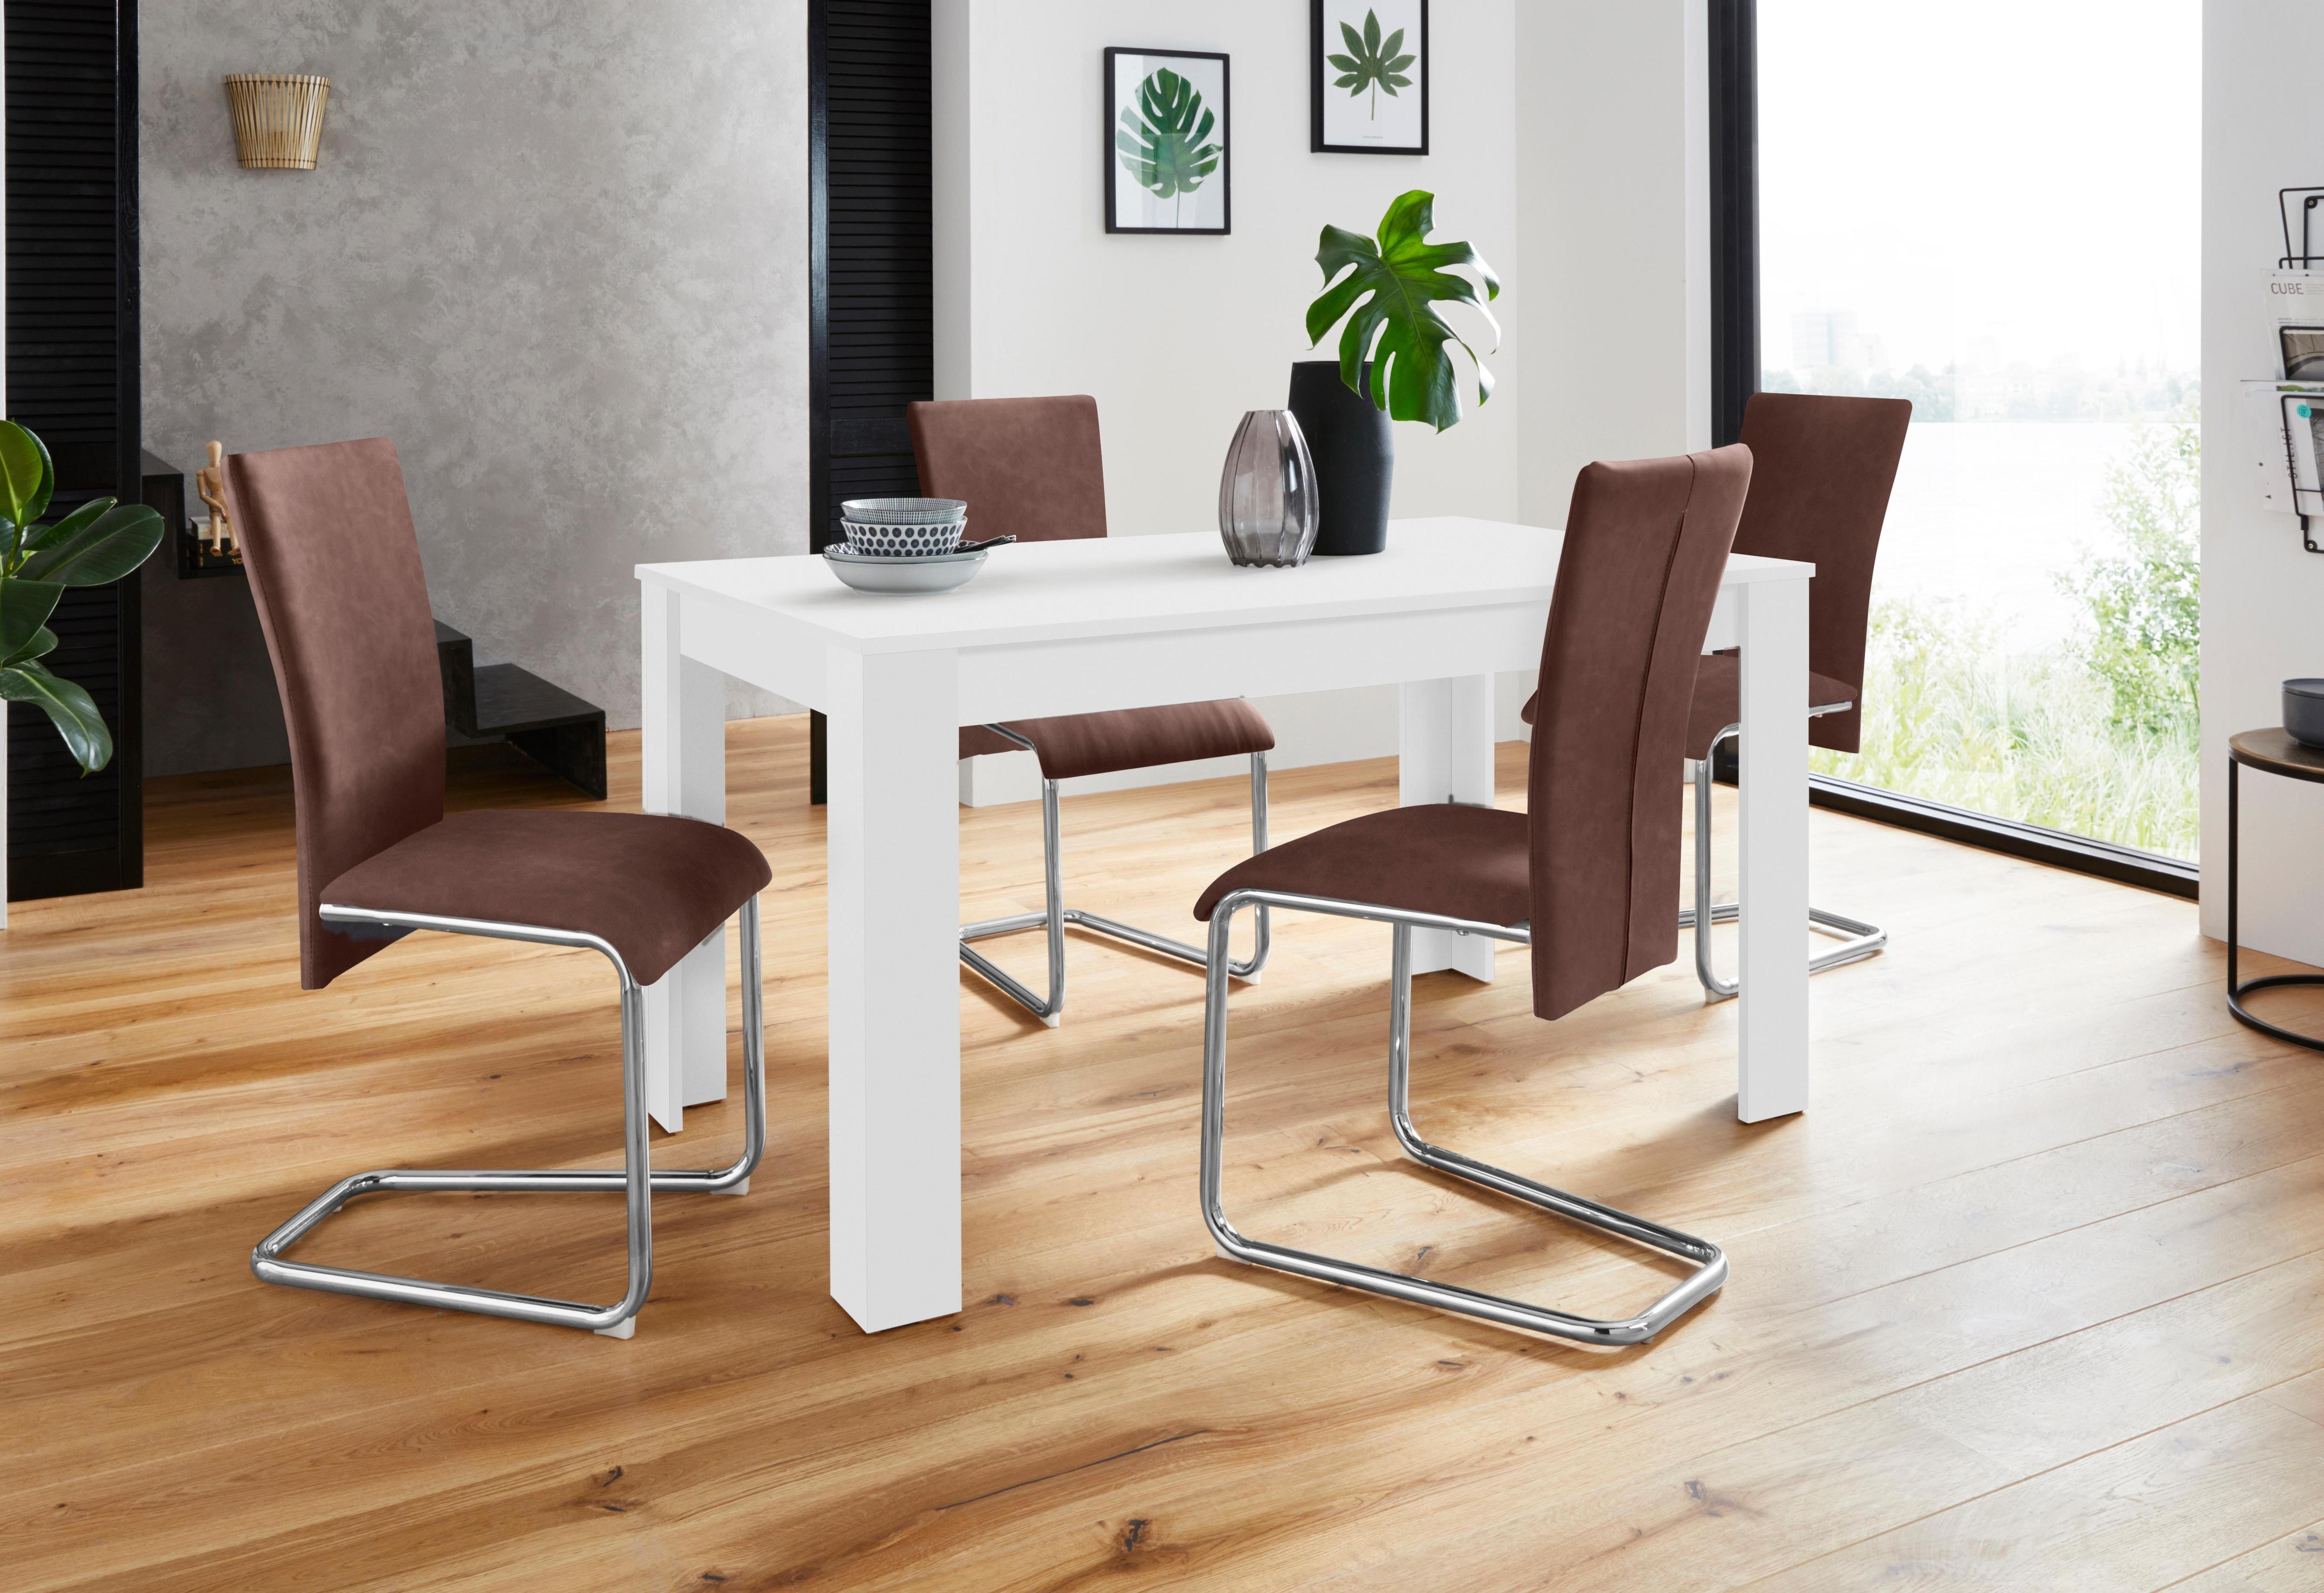 Homexperts Essgruppe Nick3-Mulan mit 4 Stühlen Tisch in weiß Breite 140 cm